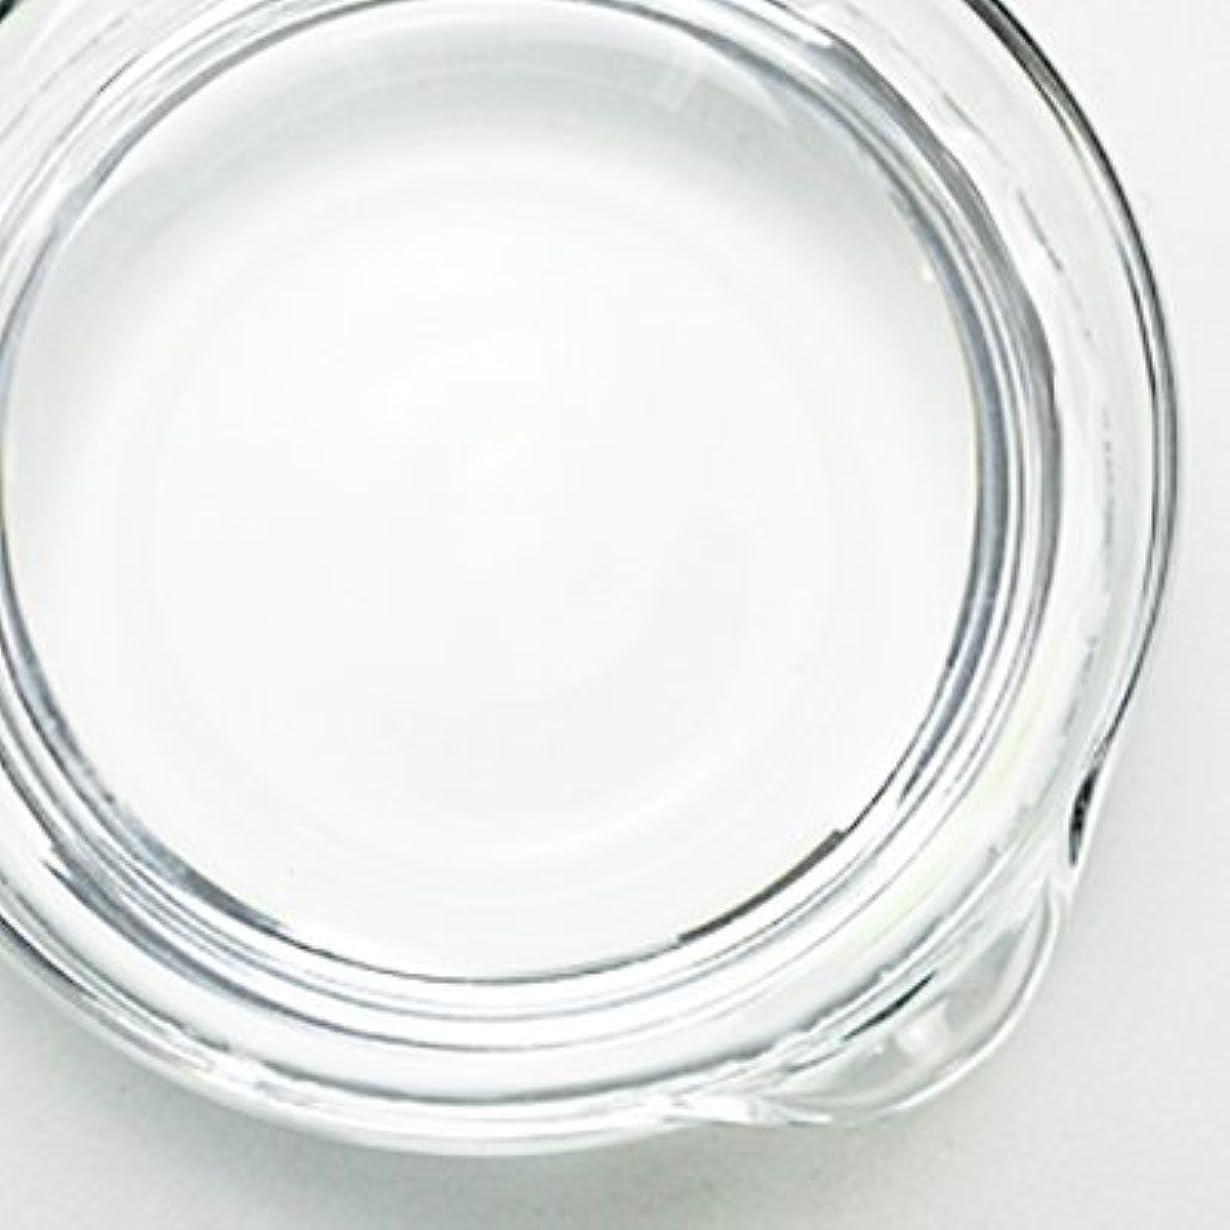 密輸ハードウェア紳士1,3-ブチレングリコール[BG] 100ml 【手作り石鹸/手作りコスメ】